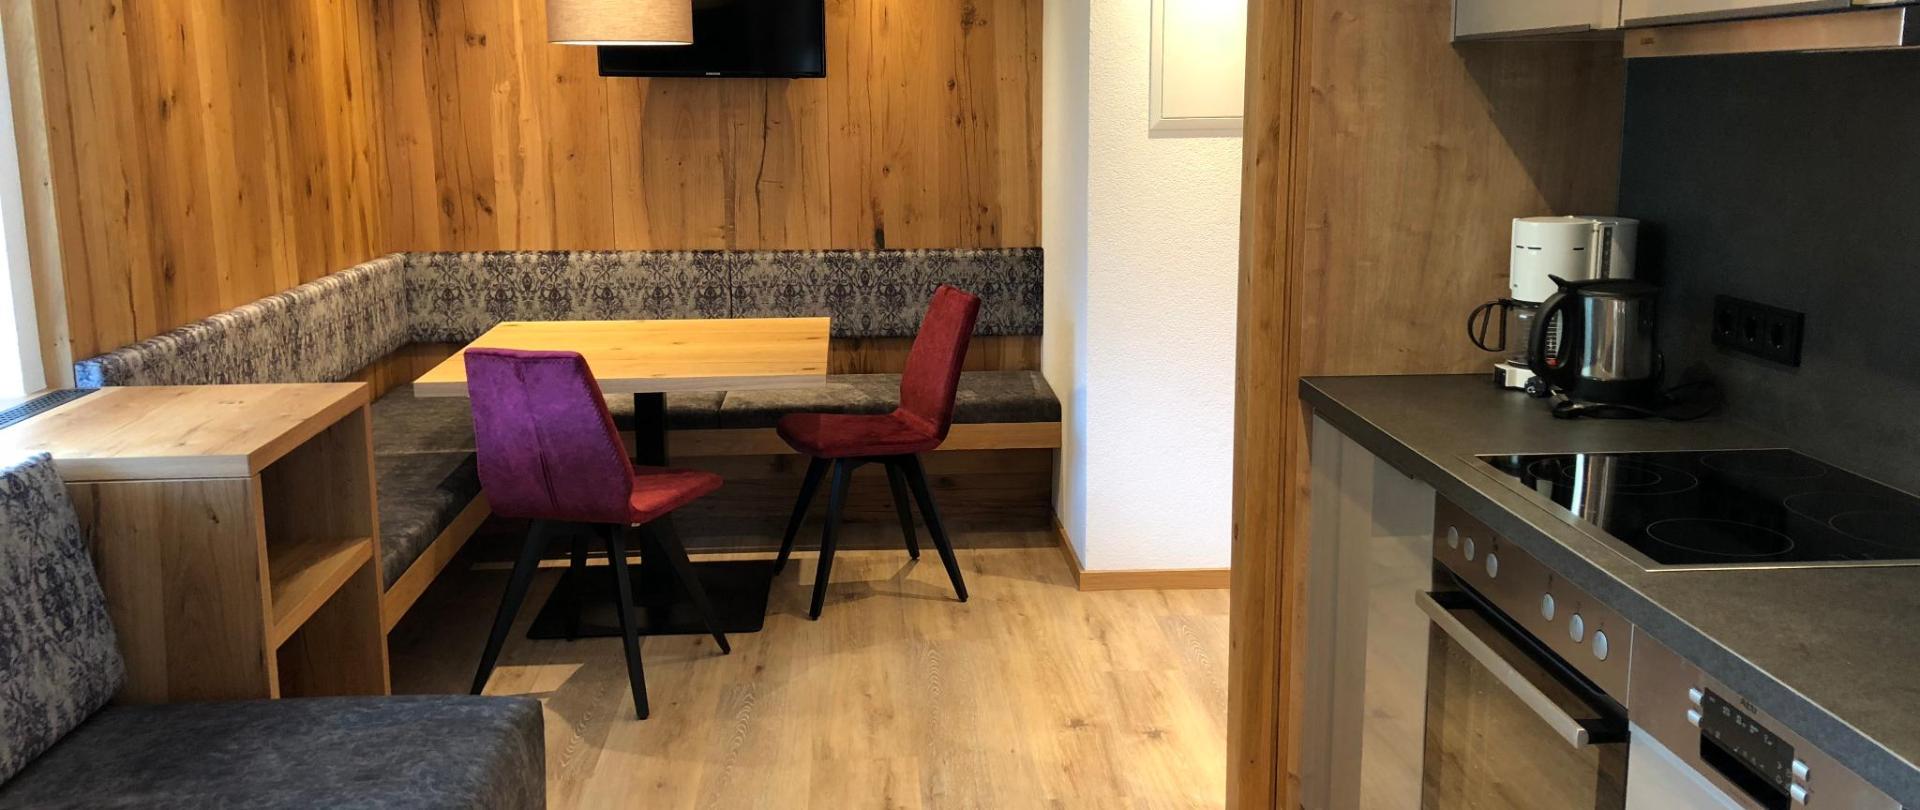 Küchenbereich_114_001.jpg